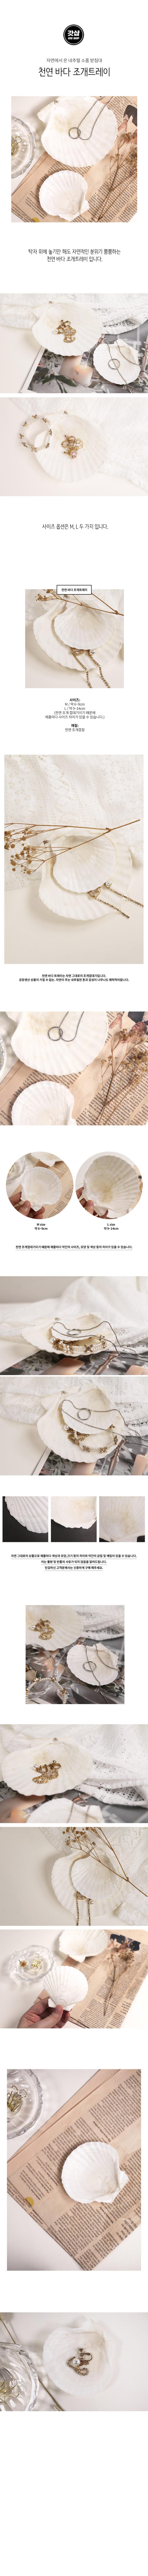 천연 조개 트레이 접시 2size 바다 악세서리 그릇 - 갓샵, 1,000원, 장식소품, 기타 소품